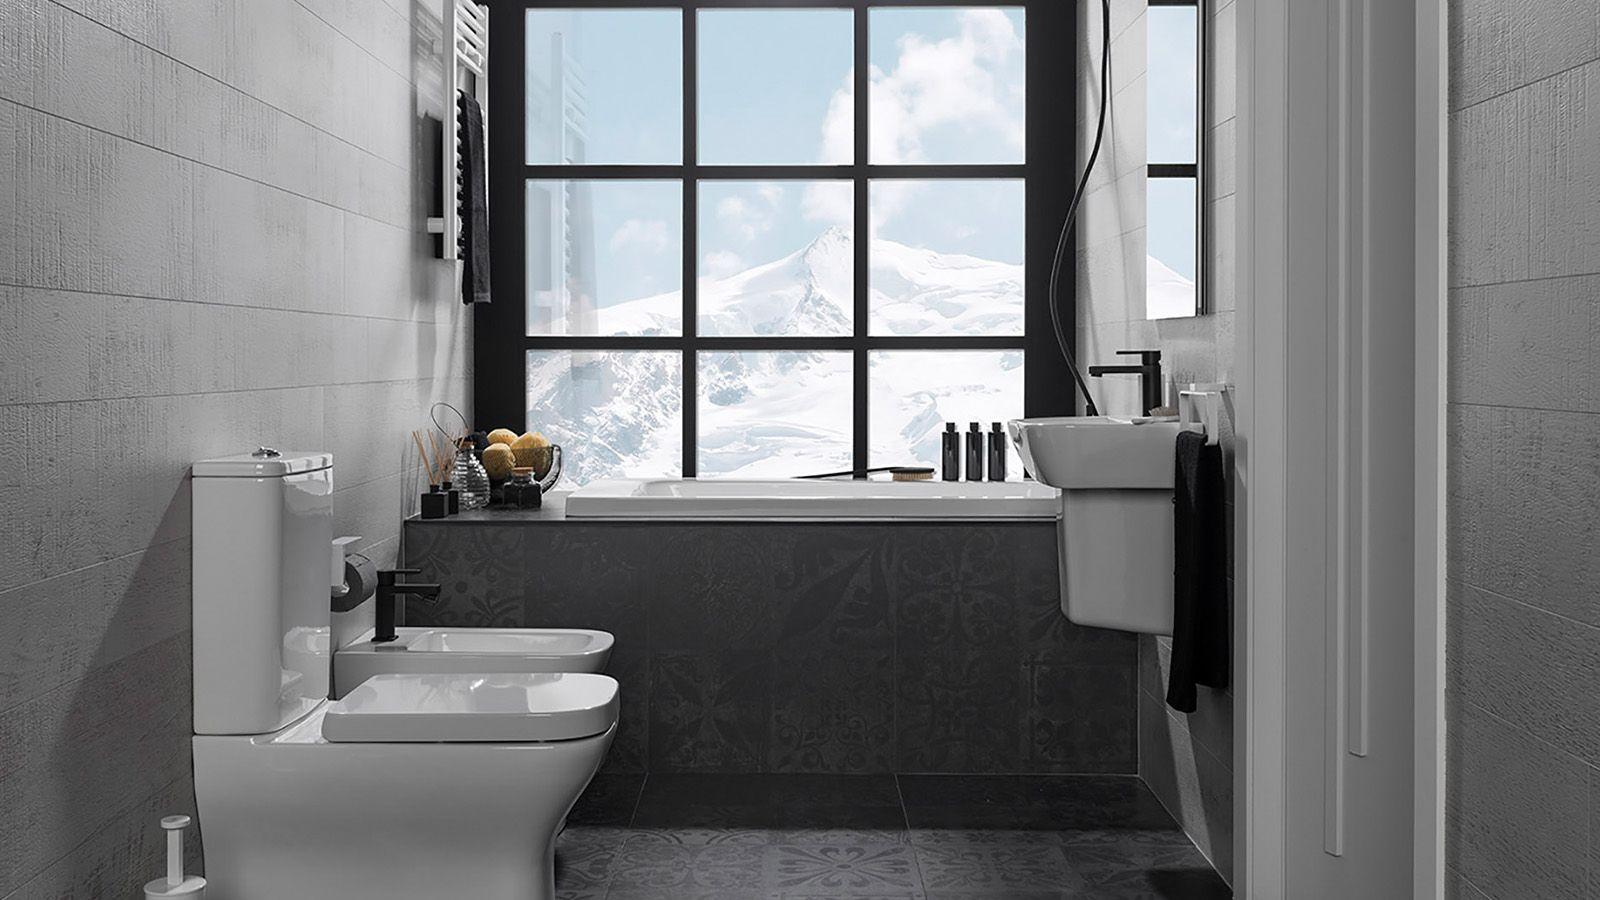 Bathroom layout ideas en 18  Distribución del baño, Estilos de